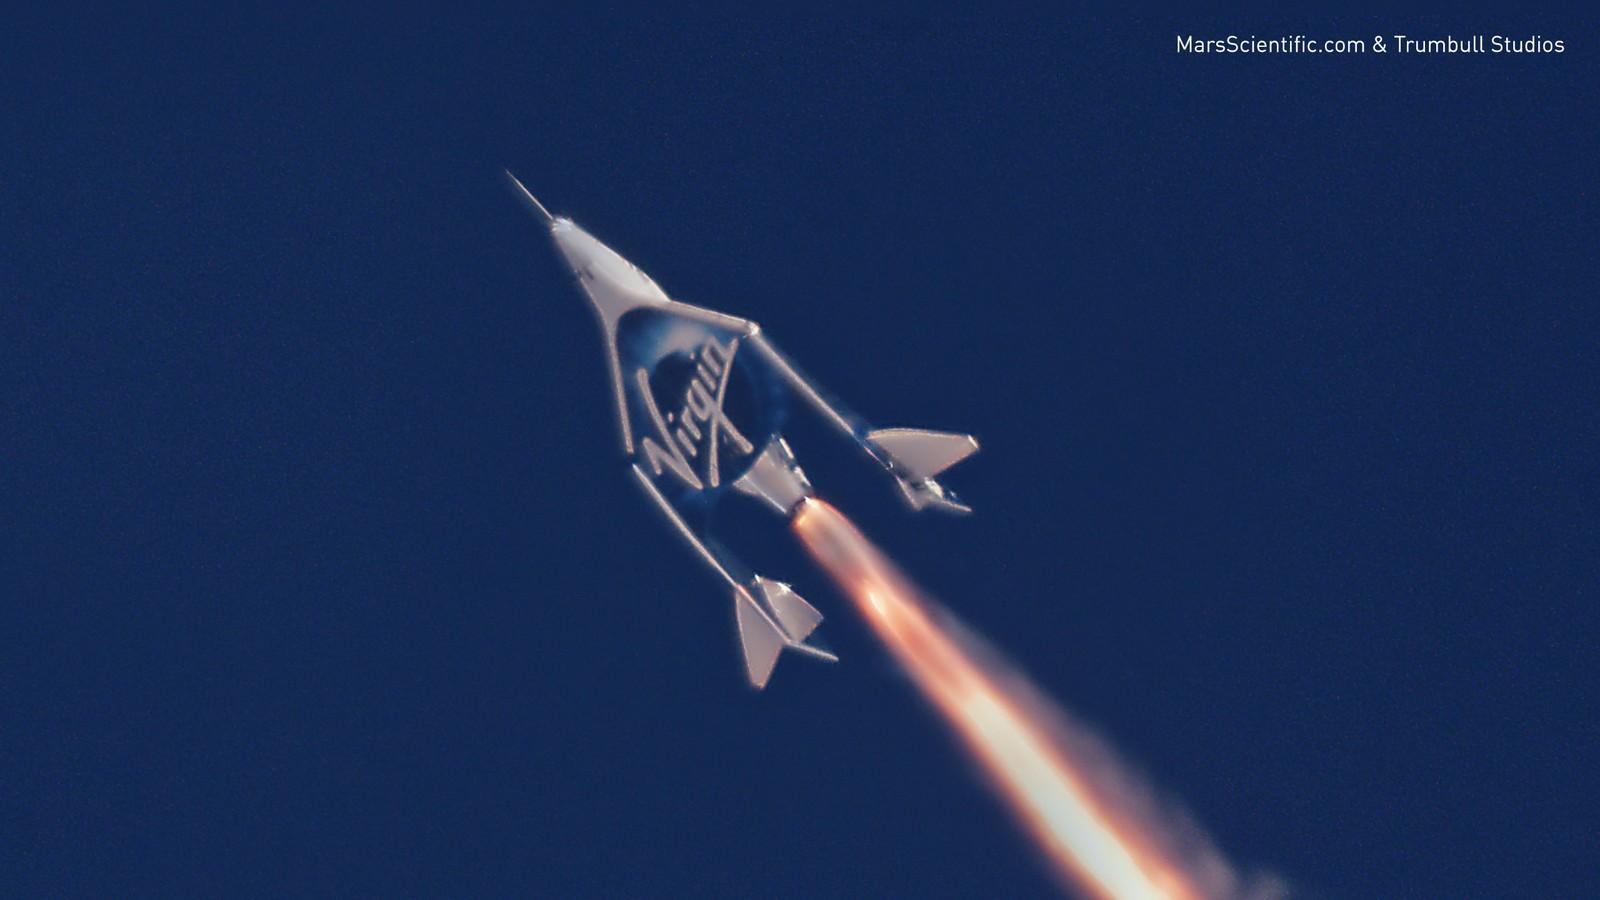 Virgin Galactic благополучно проверила космический корабль для туристов